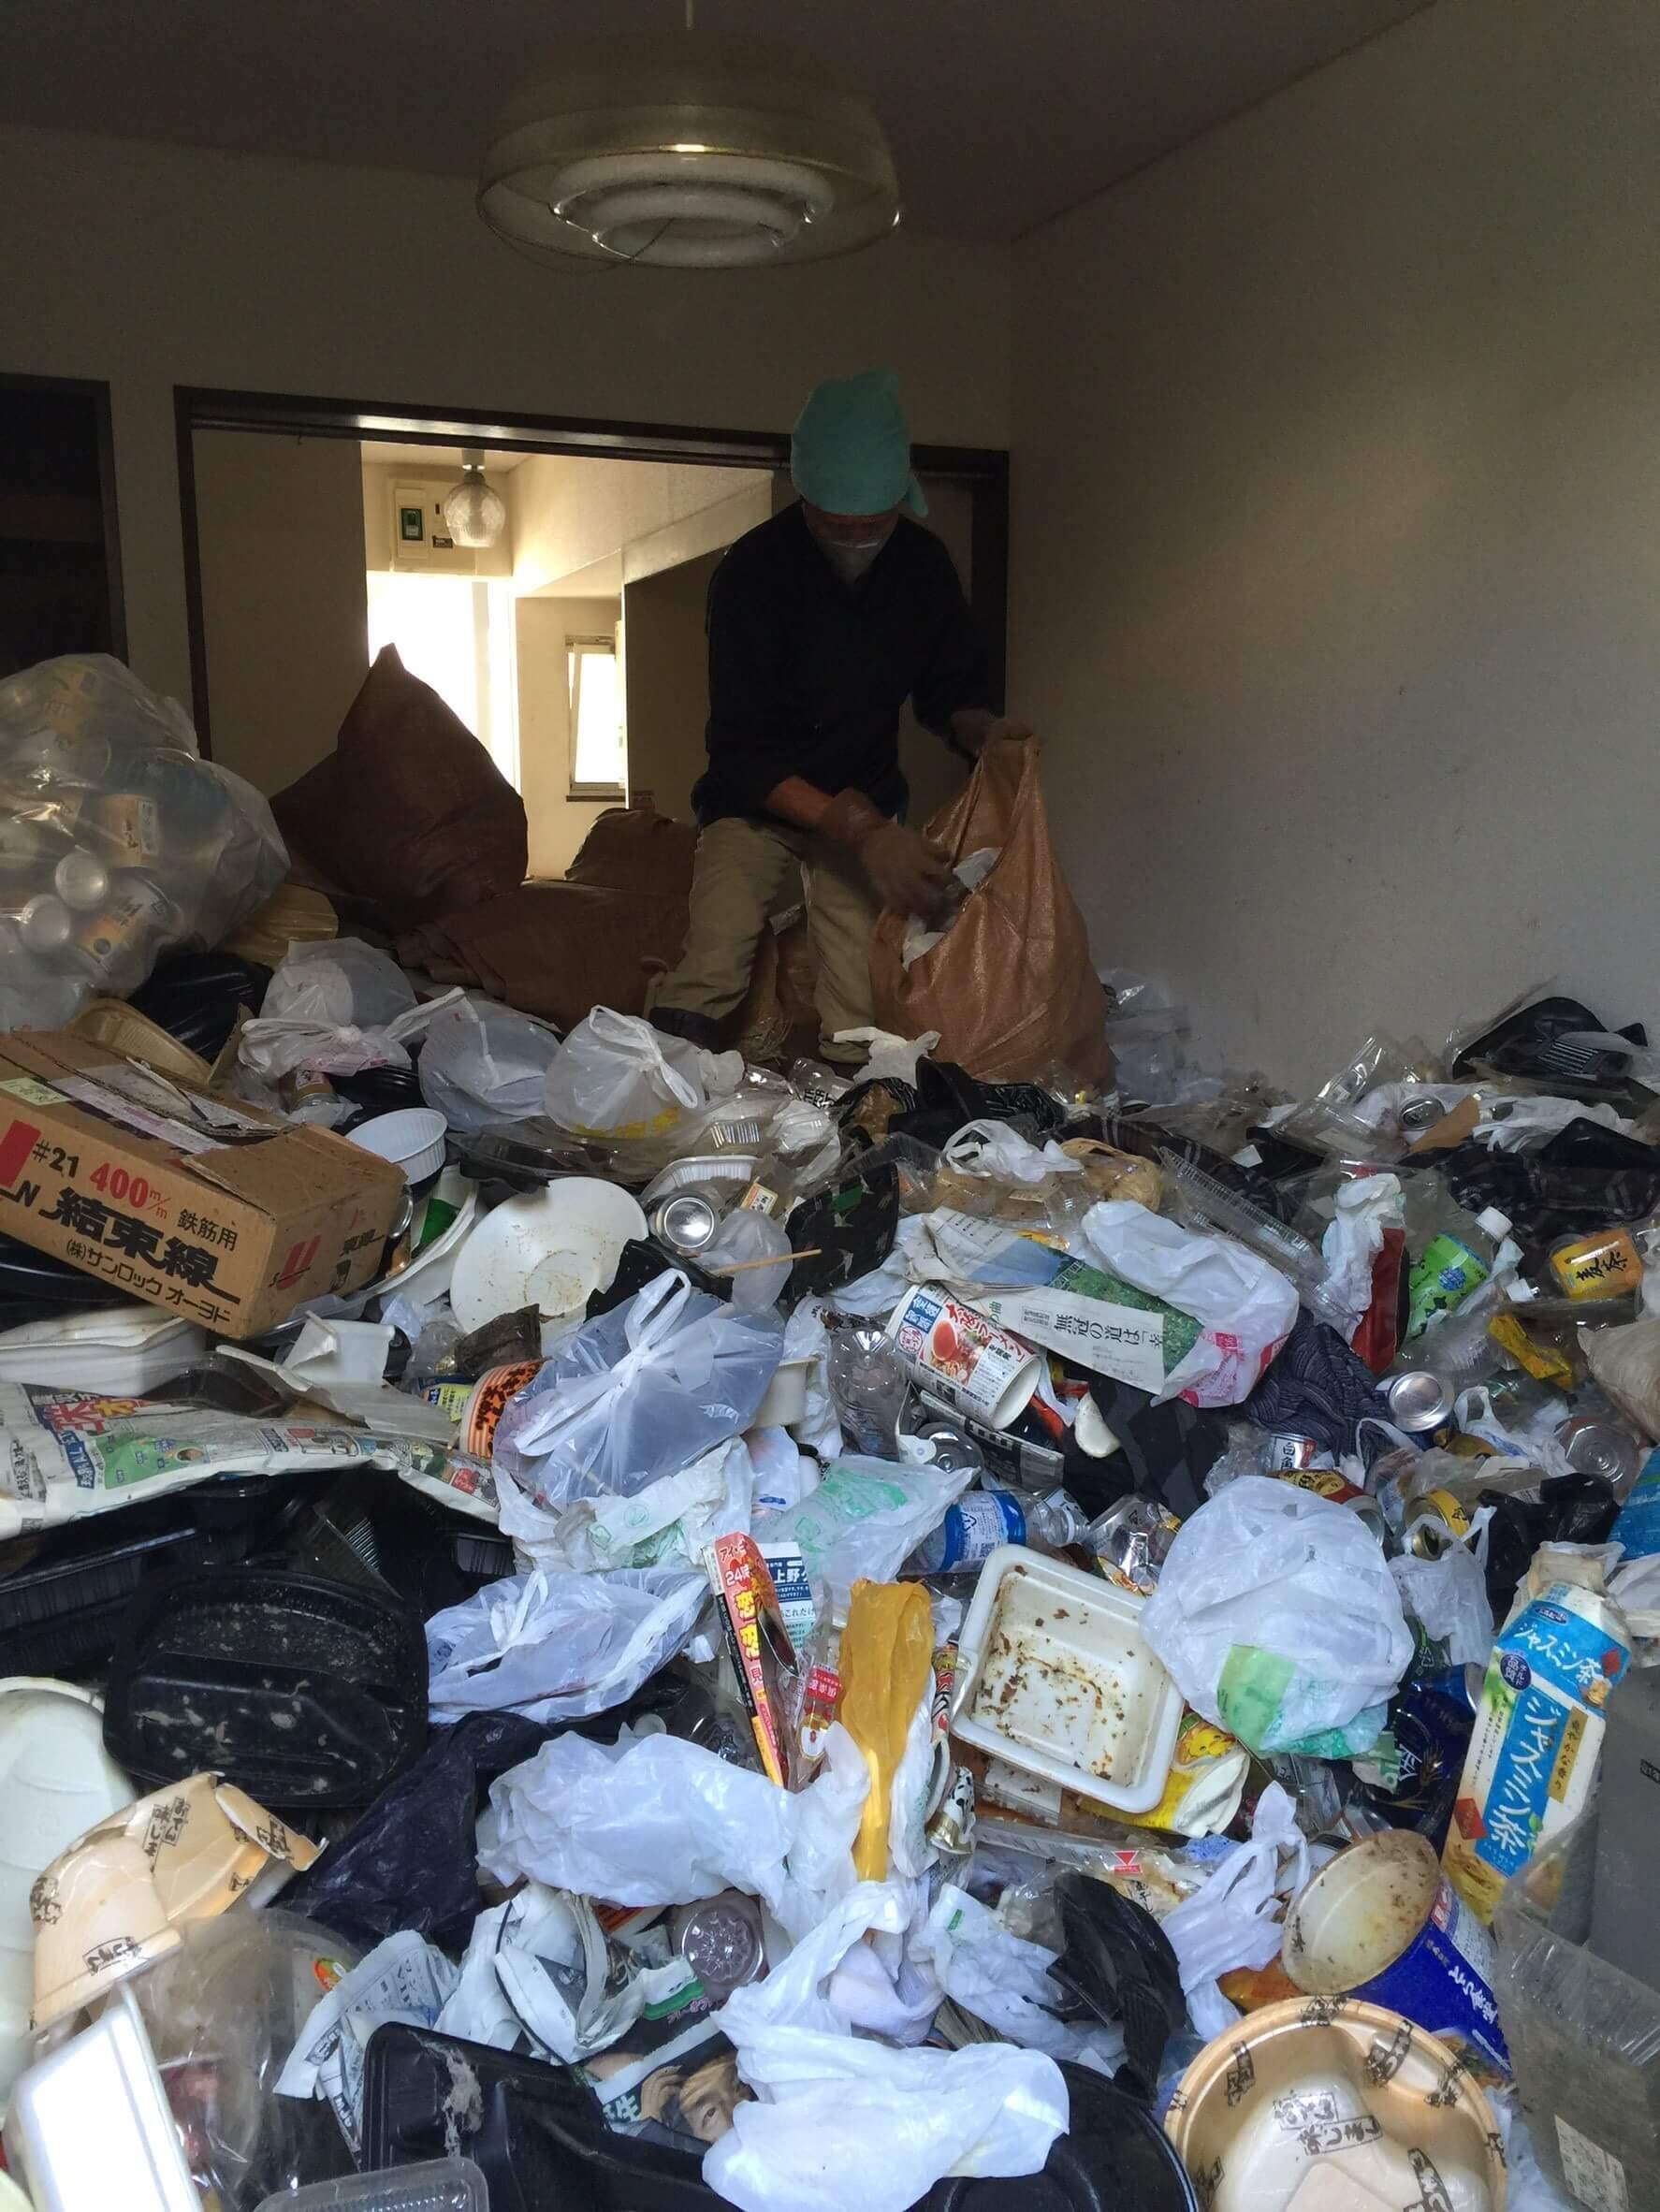 【横浜市 港北区】ゴミ部屋清掃 施工事例